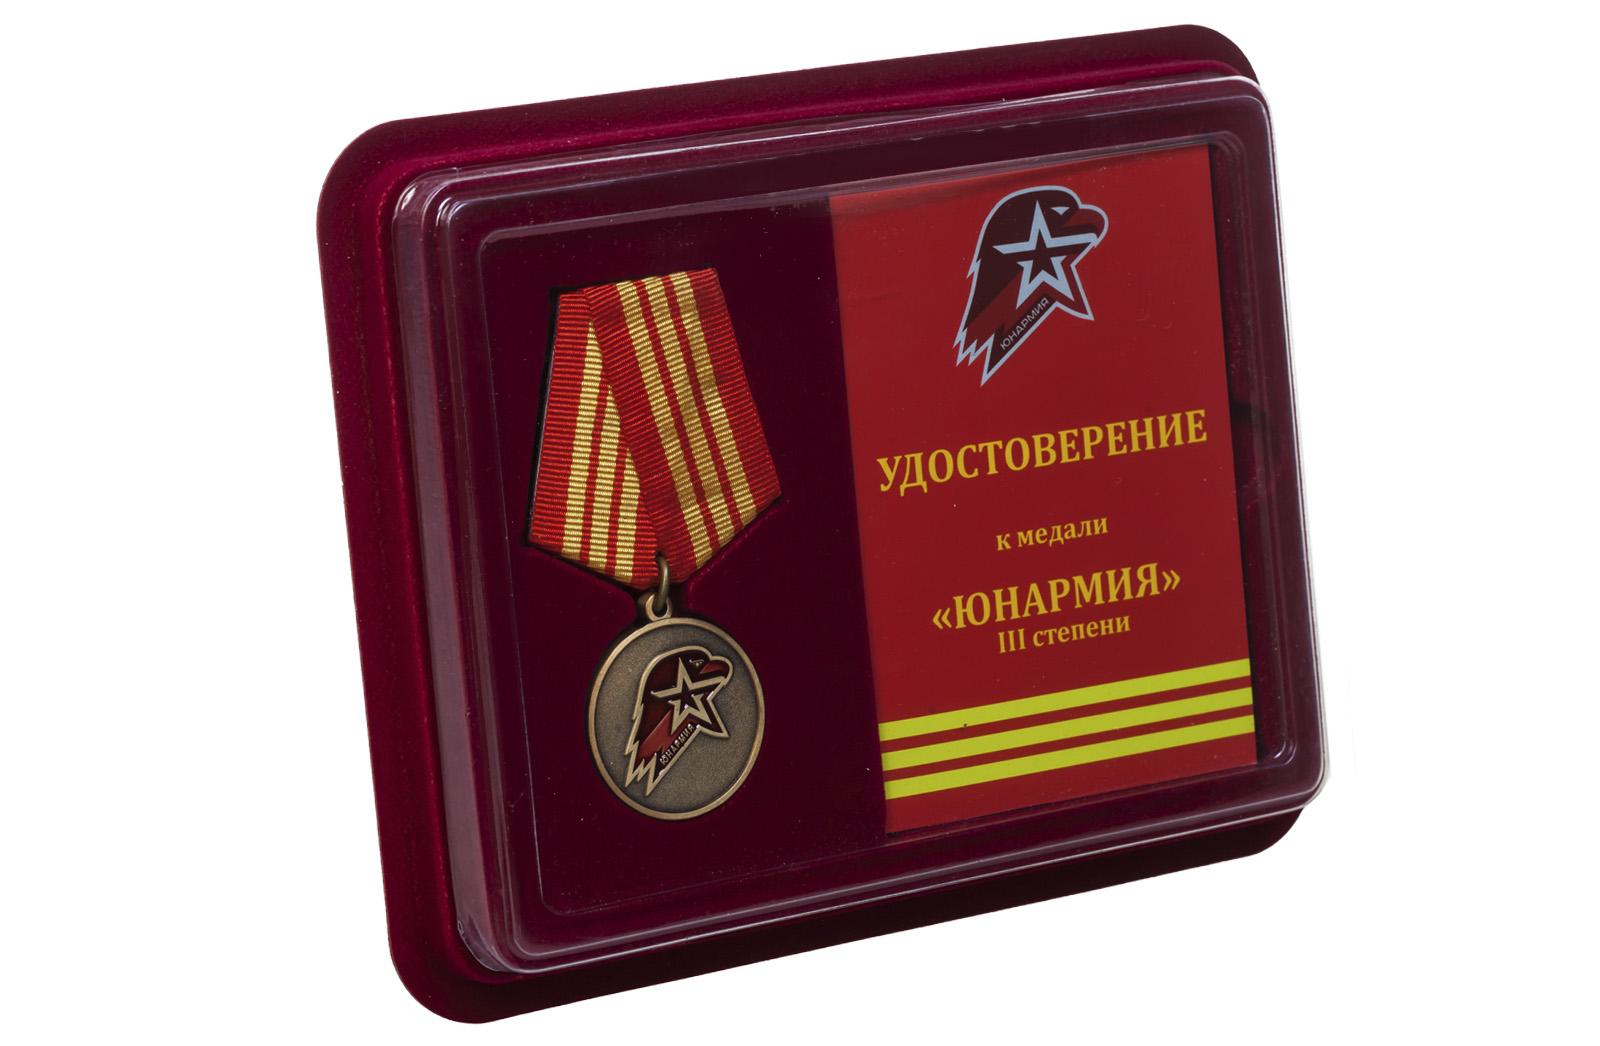 """Медаль """"Юнармия"""" 3 степени заказать с доставкой"""